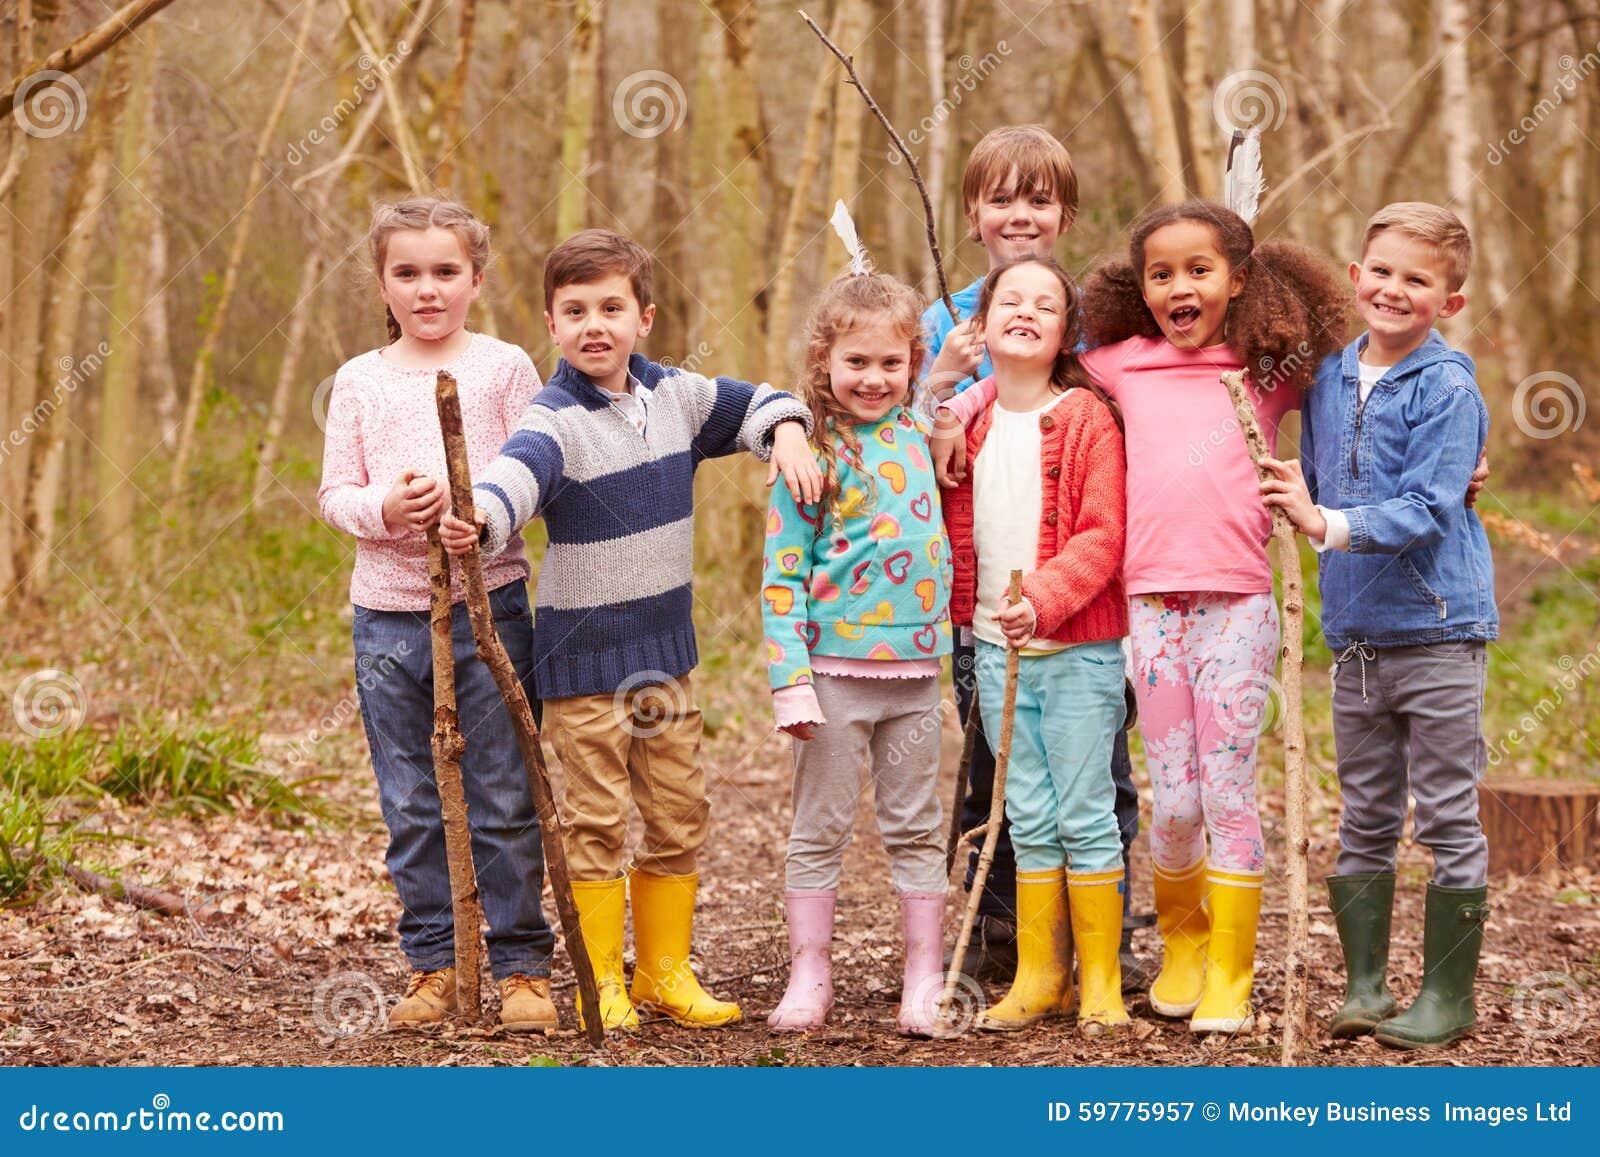 Πορτρέτο των παιδιών που παίζουν το παιχνίδι περιπέτειας στο δάσος